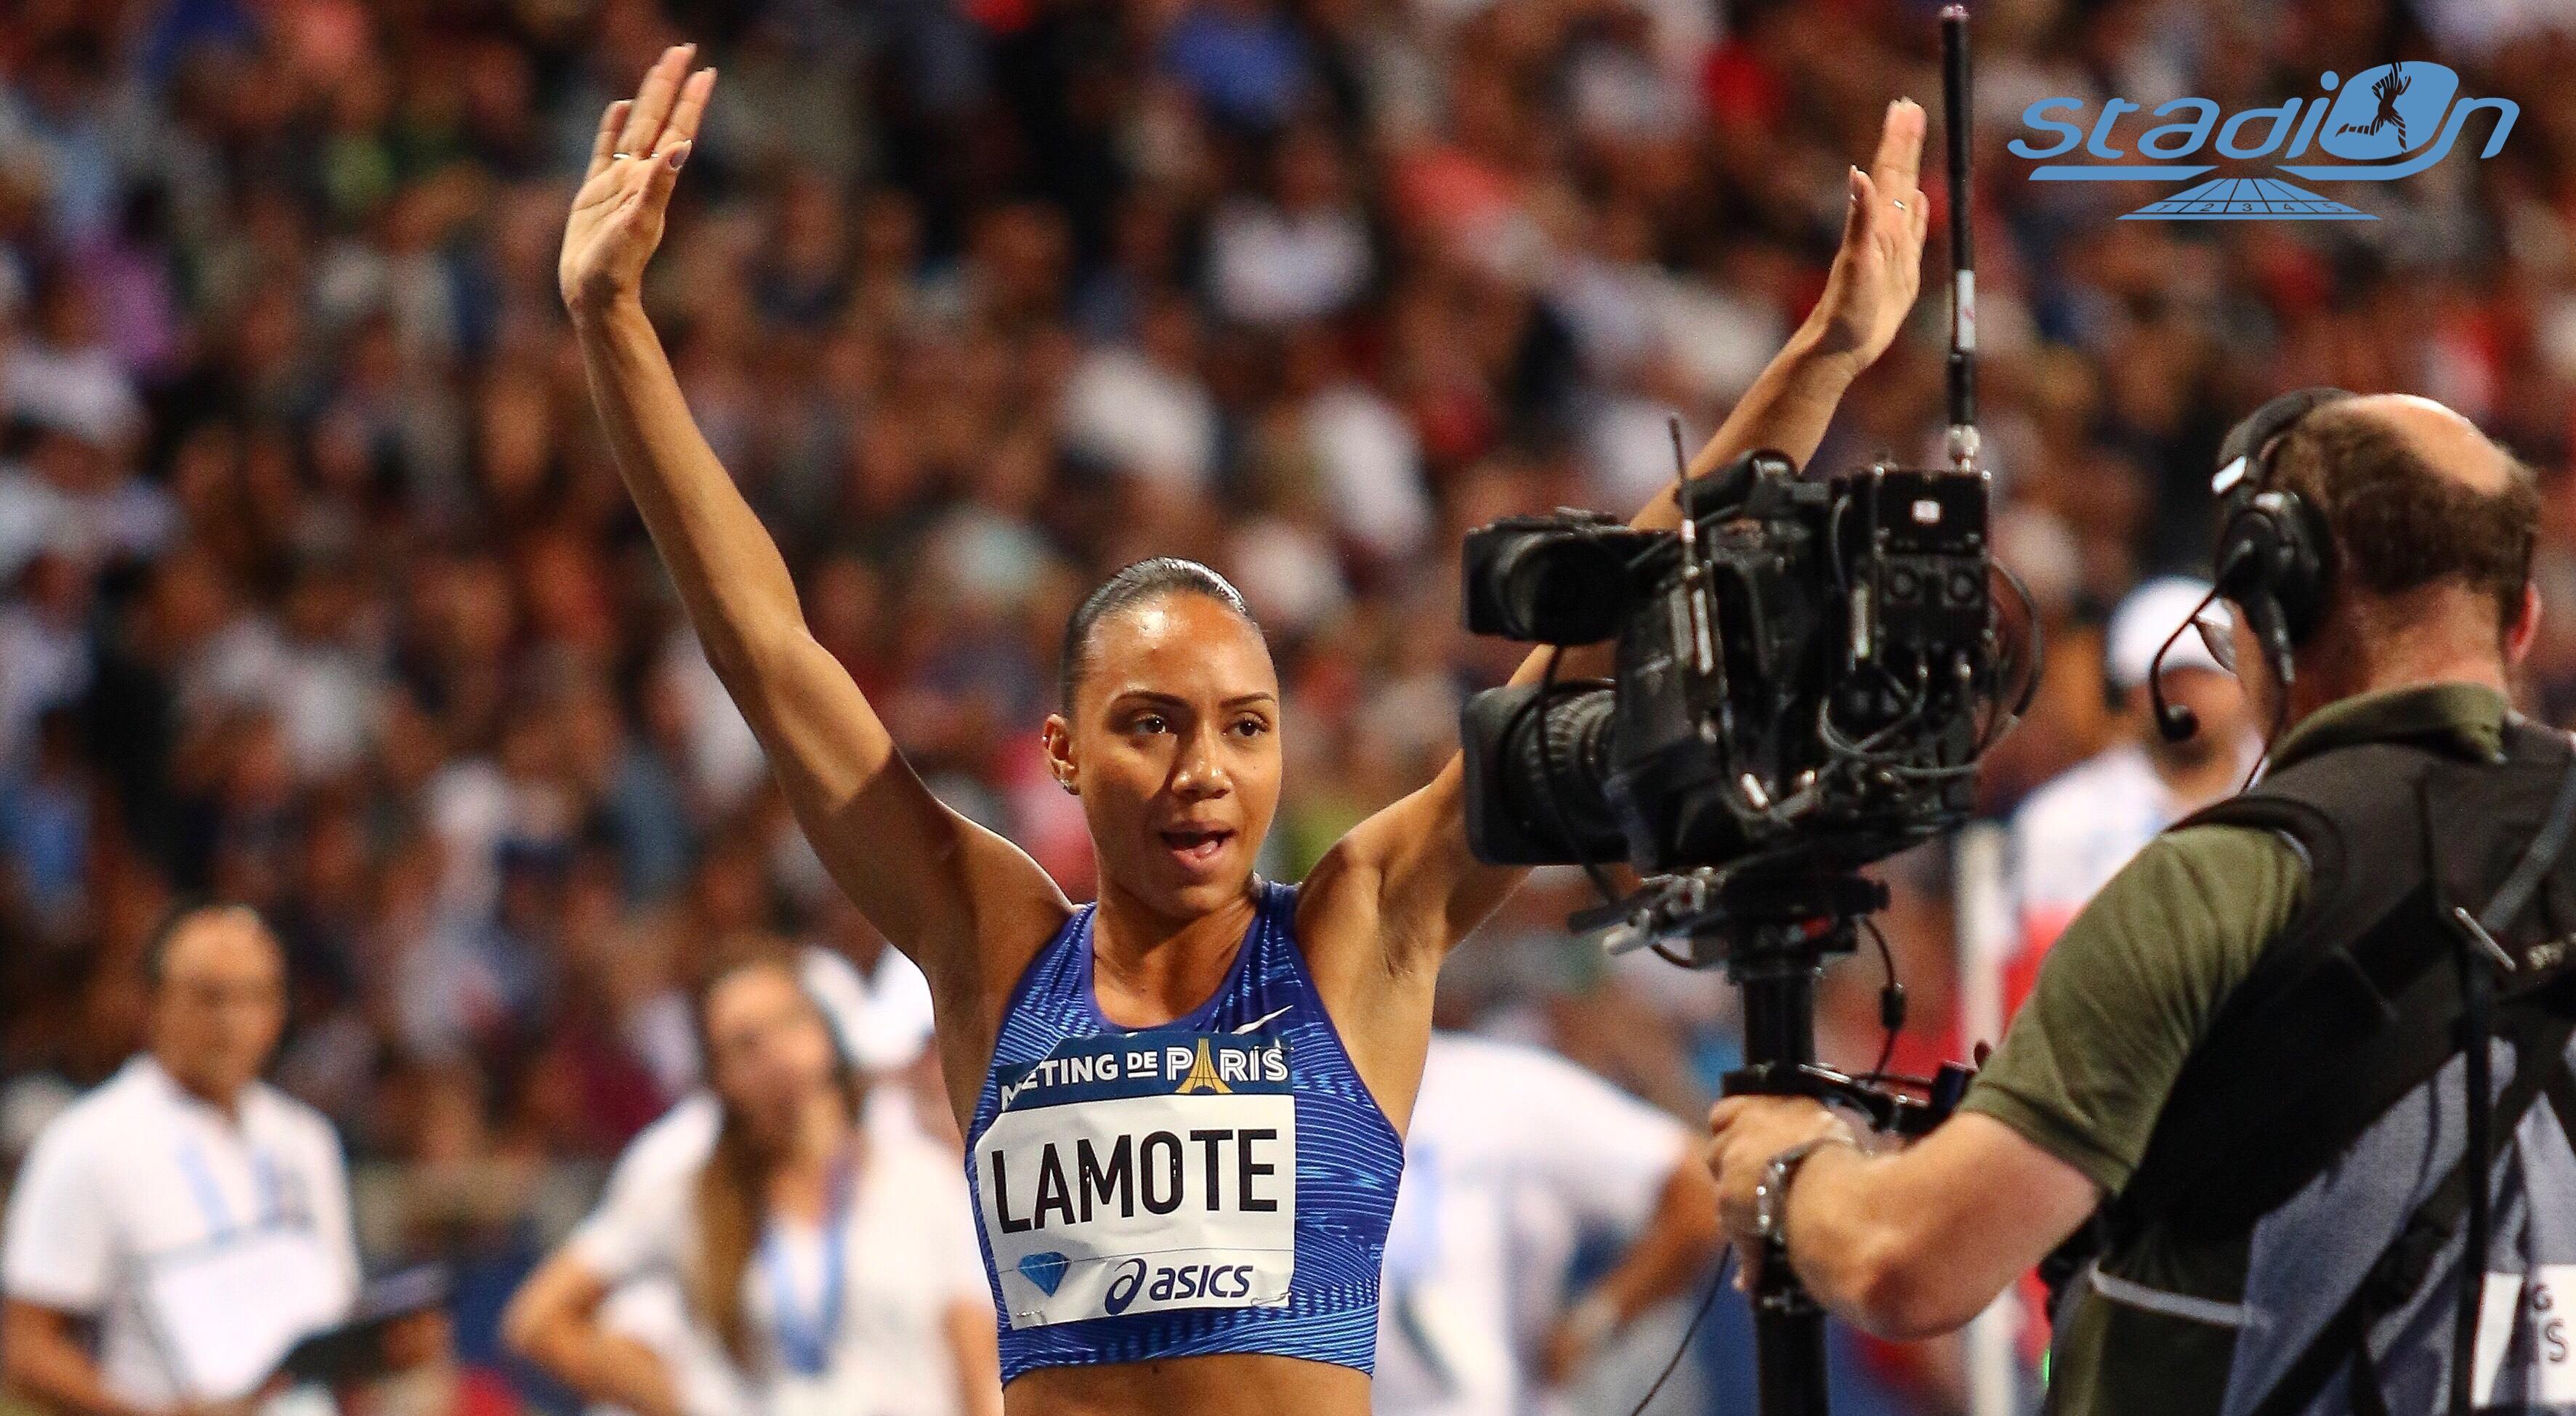 Championnats du Monde de Doha : La sélection française prend forme